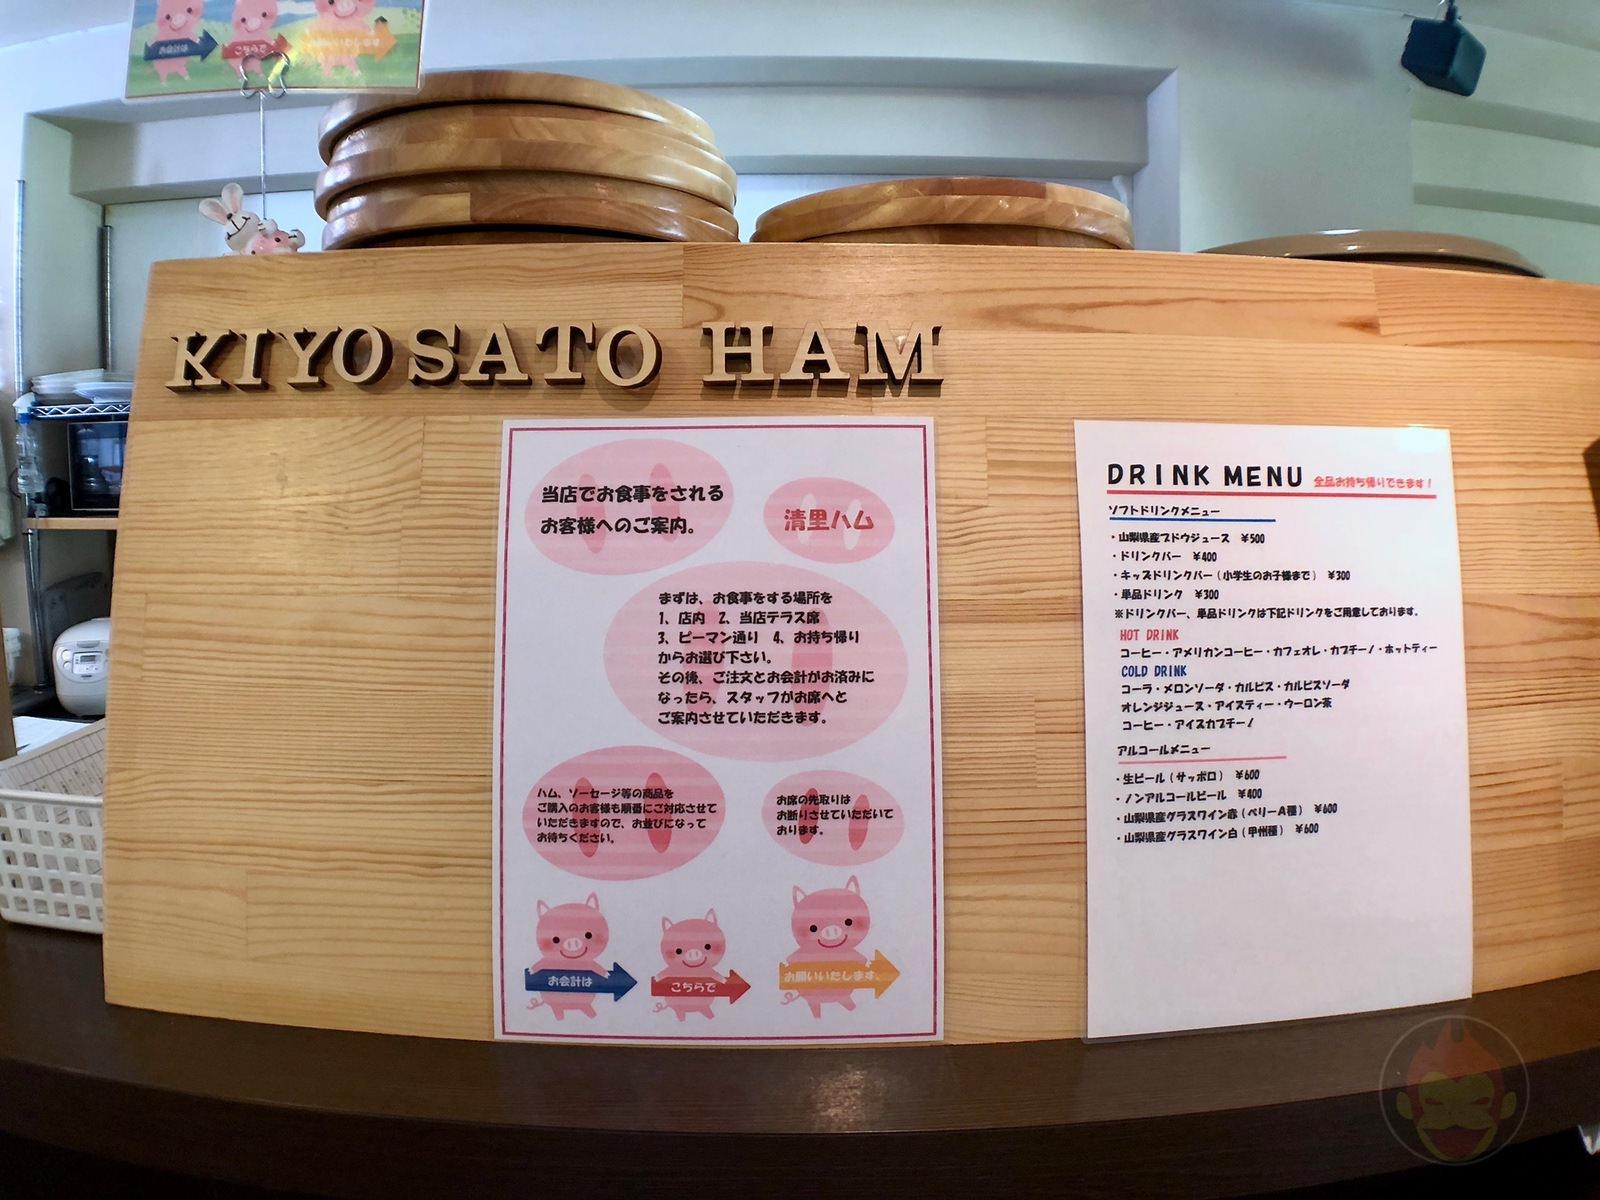 Hoshino Resonalre Yatsugatake Kiyosato Ham 10